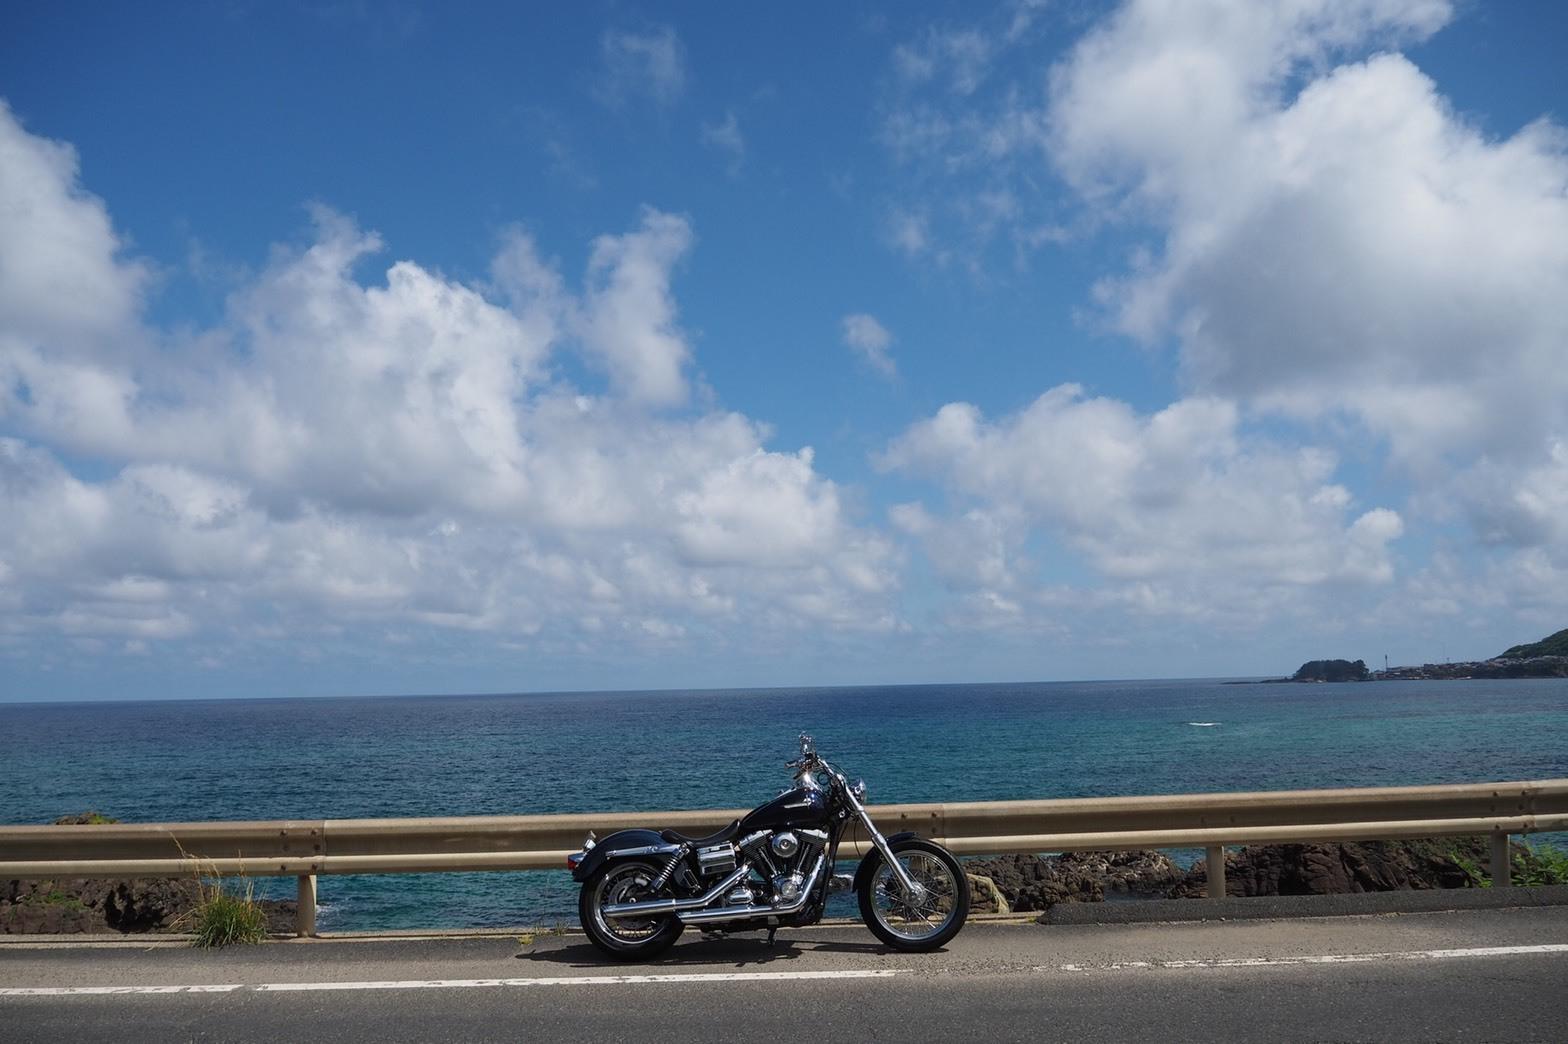 ぴーきち&ダイナ ハーレーブログ 京都丹後半島ツーリンング 海沿いの道